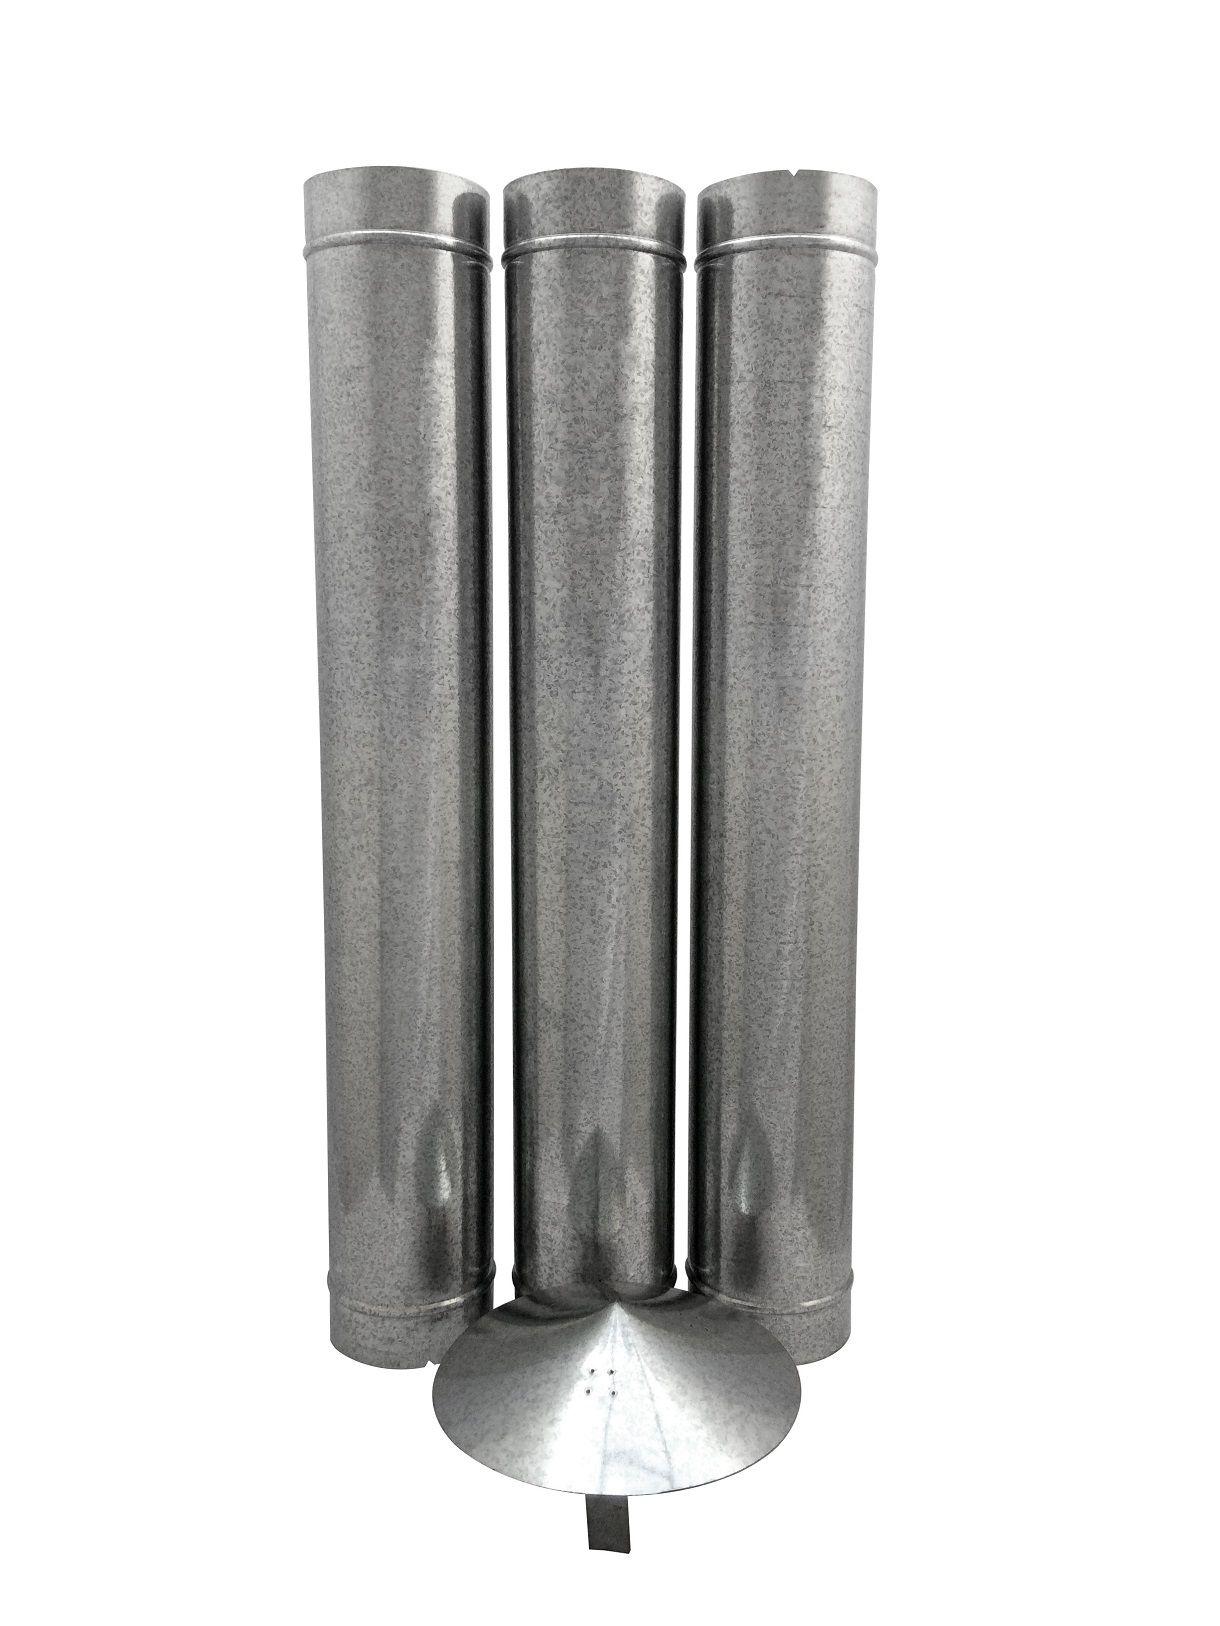 1,80 m de duto galvanizado de 130 mm de diâmetro com chapéu chinês  - Galvocalhas